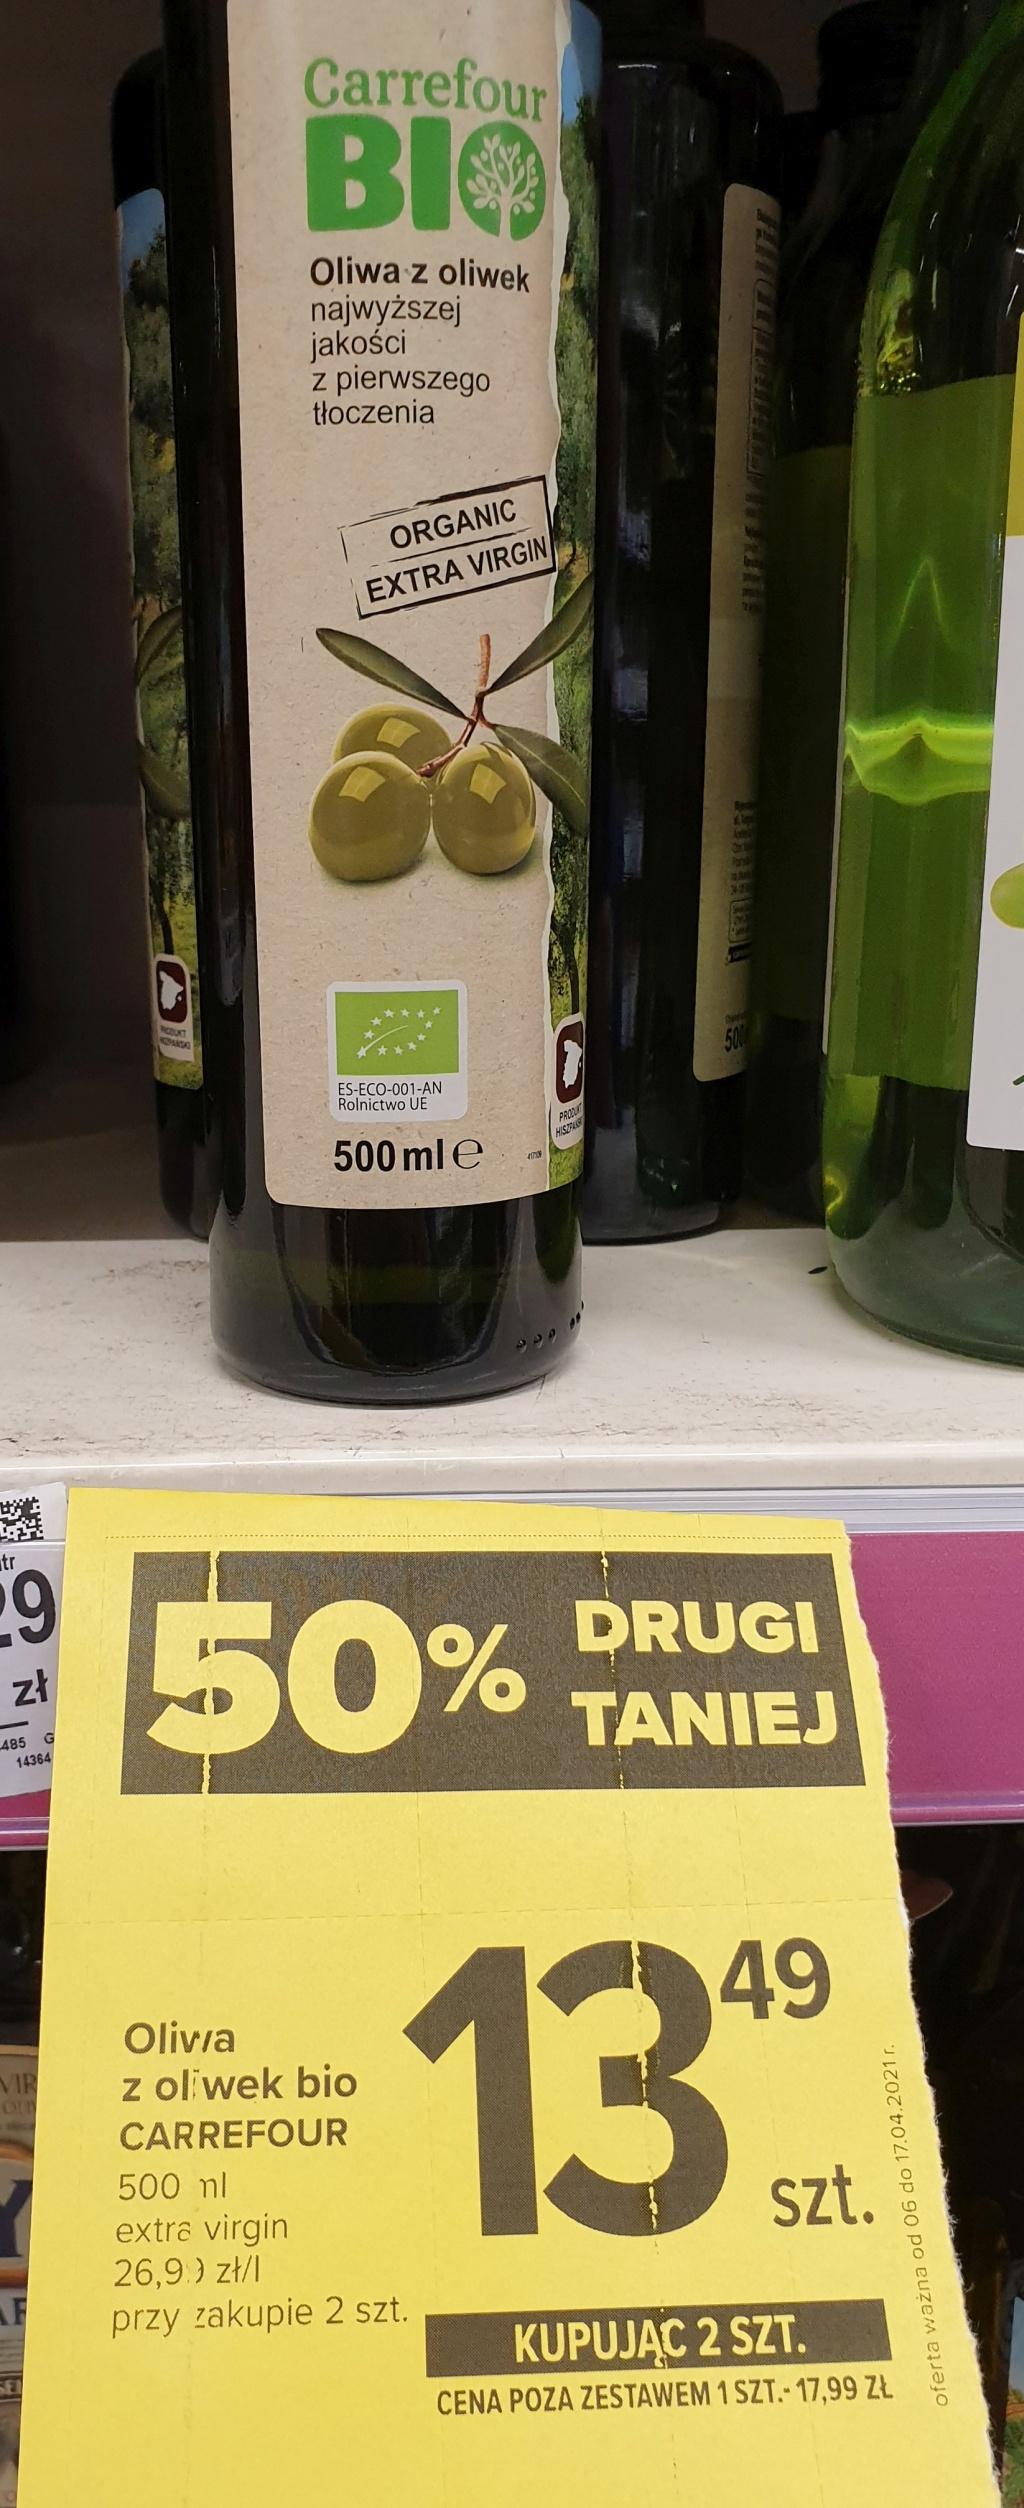 Bio Oliwa z oliwek Extra Virgin - kupując 2 szt 0,5l cena za 1 szt 13,49 - Carrefour